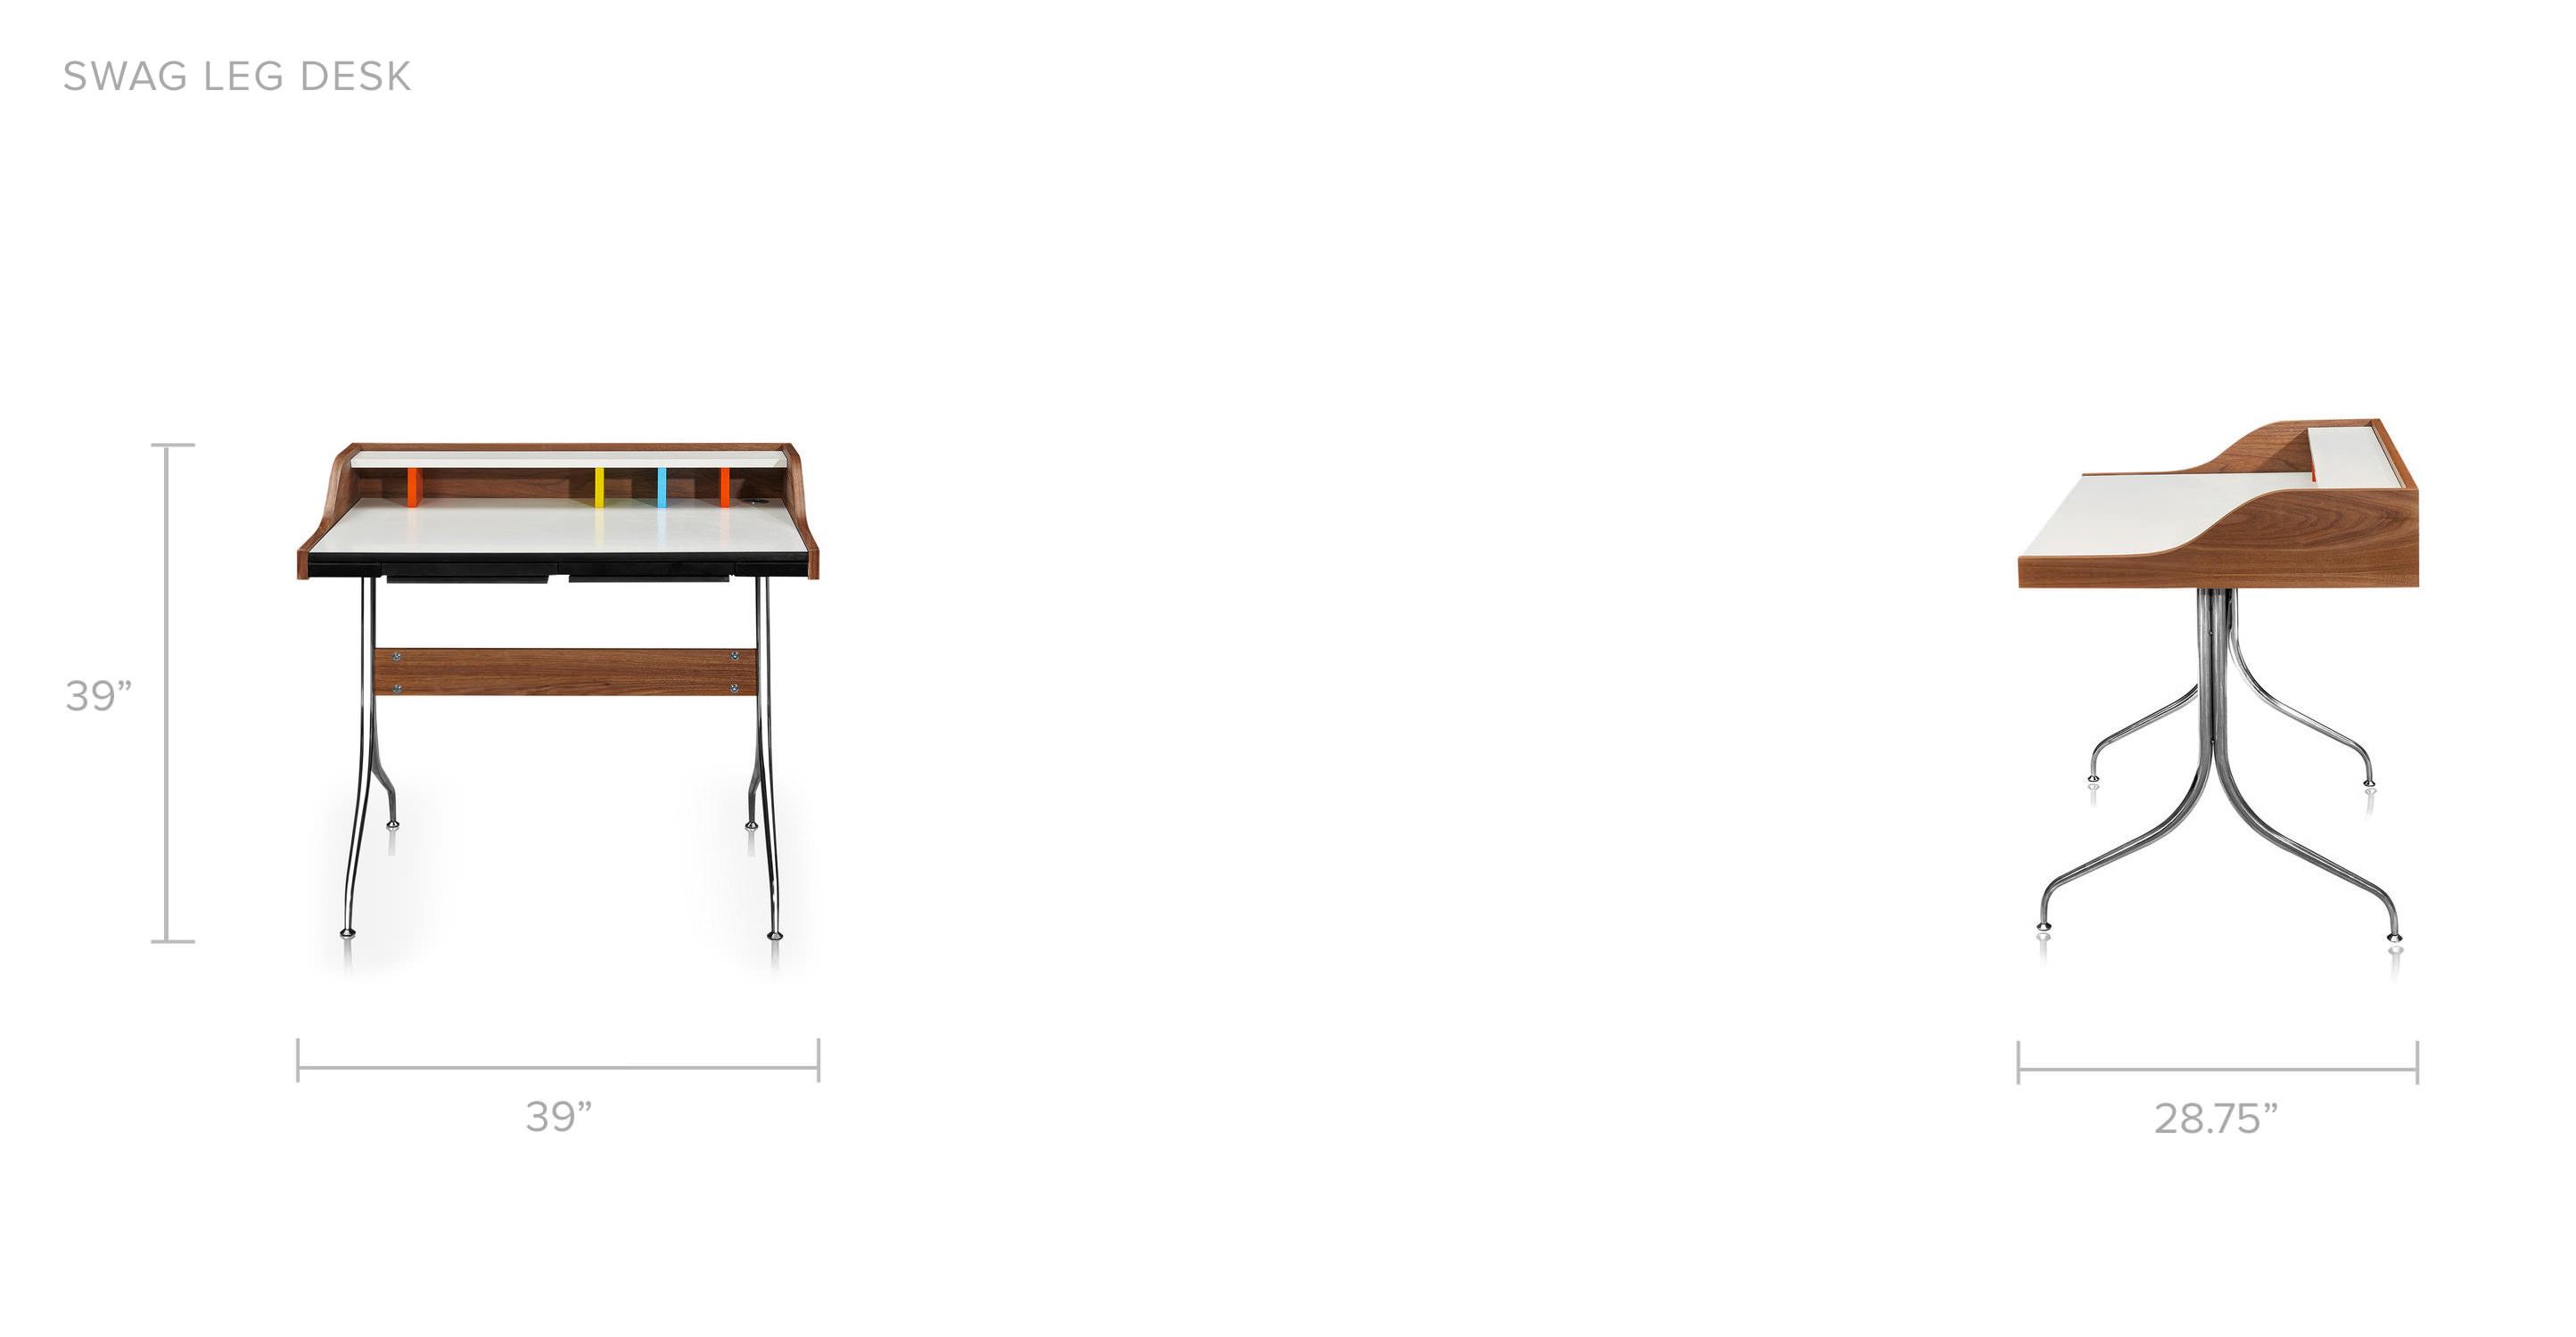 drawings-swag-desk.jpg